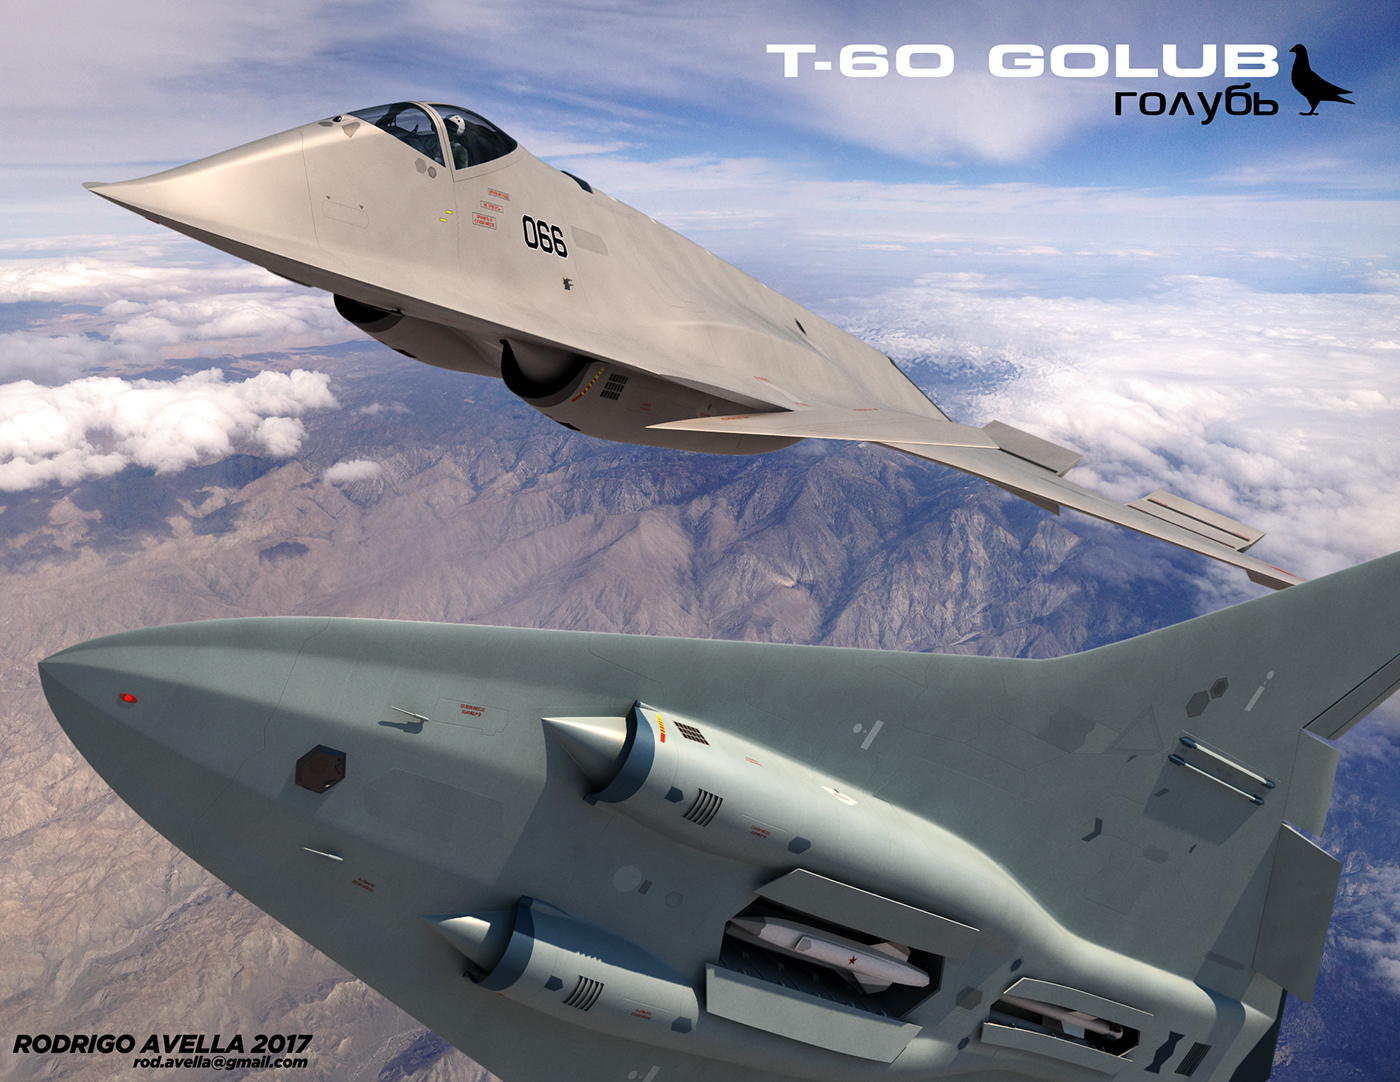 СОВЕРШЕННО СЕКРЕТНО, даже ОСОБОЙ ВАЖНОСТИ - истребитель 6-го поколения Т-60 !